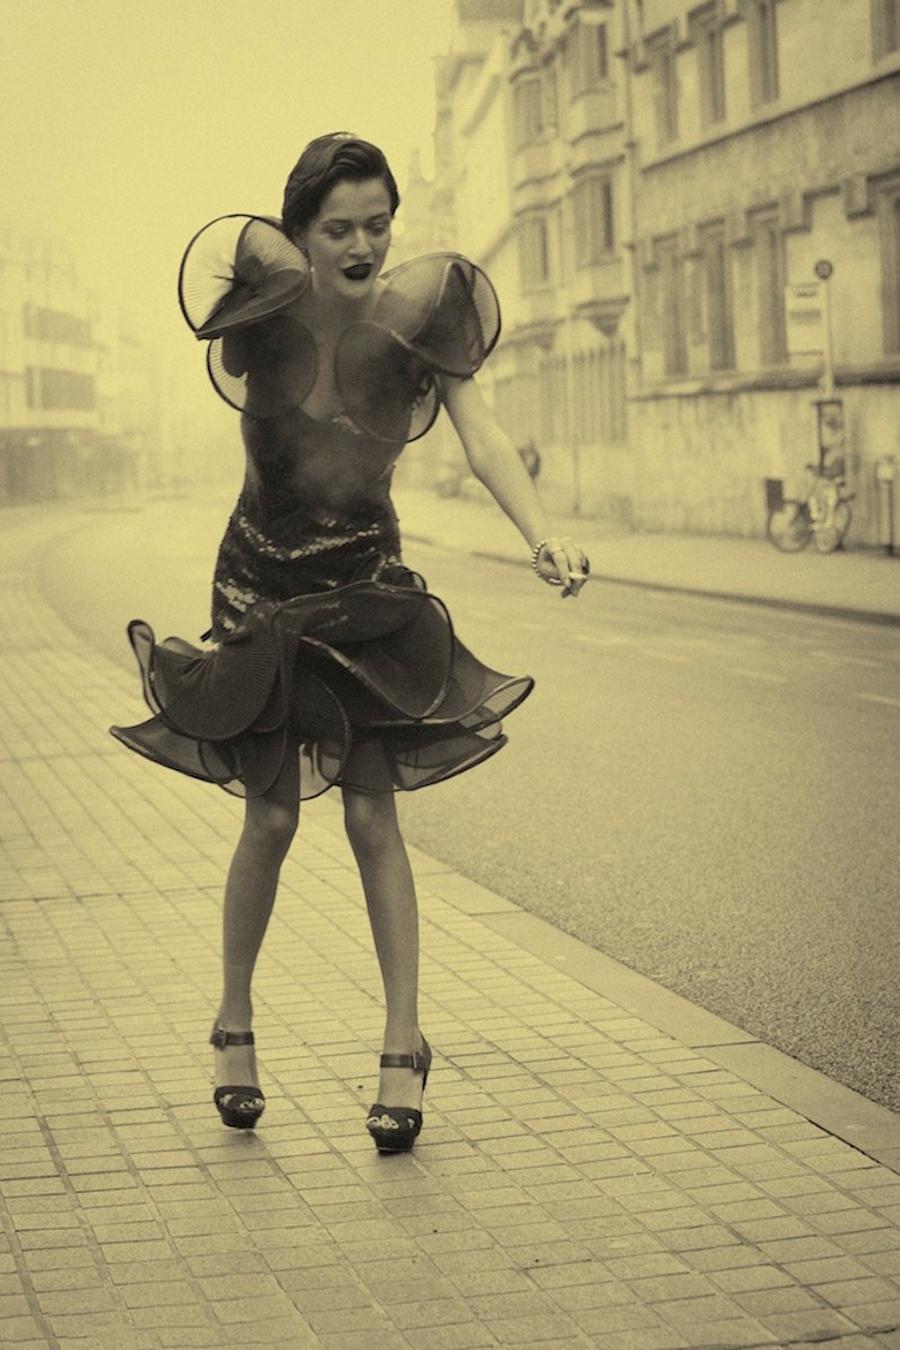 lyon_photography-debbie_v_d_putten1507-pp